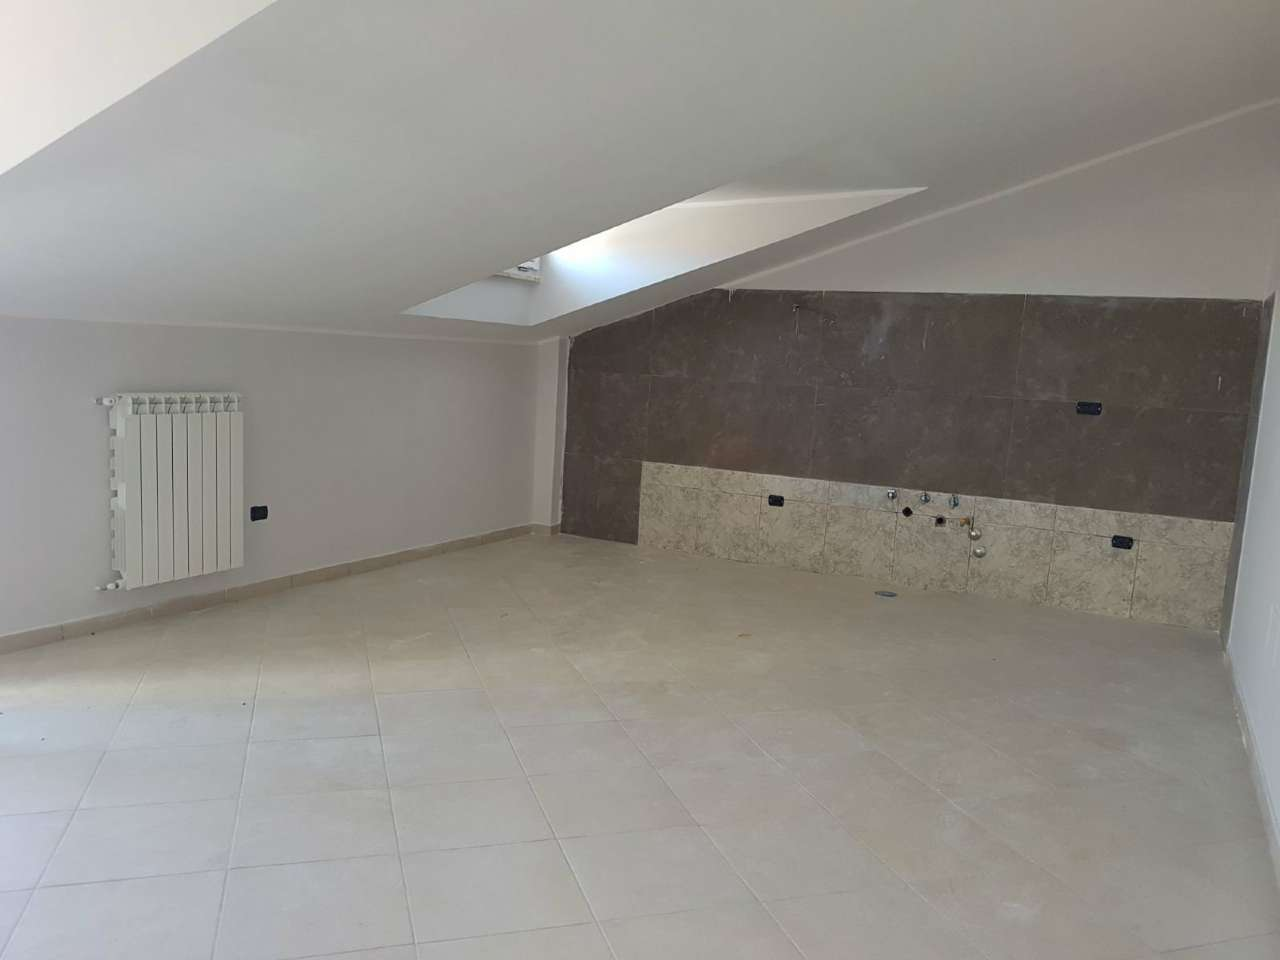 Appartamento in vendita a Villaricca, 5 locali, prezzo € 155.000 | Cambio Casa.it